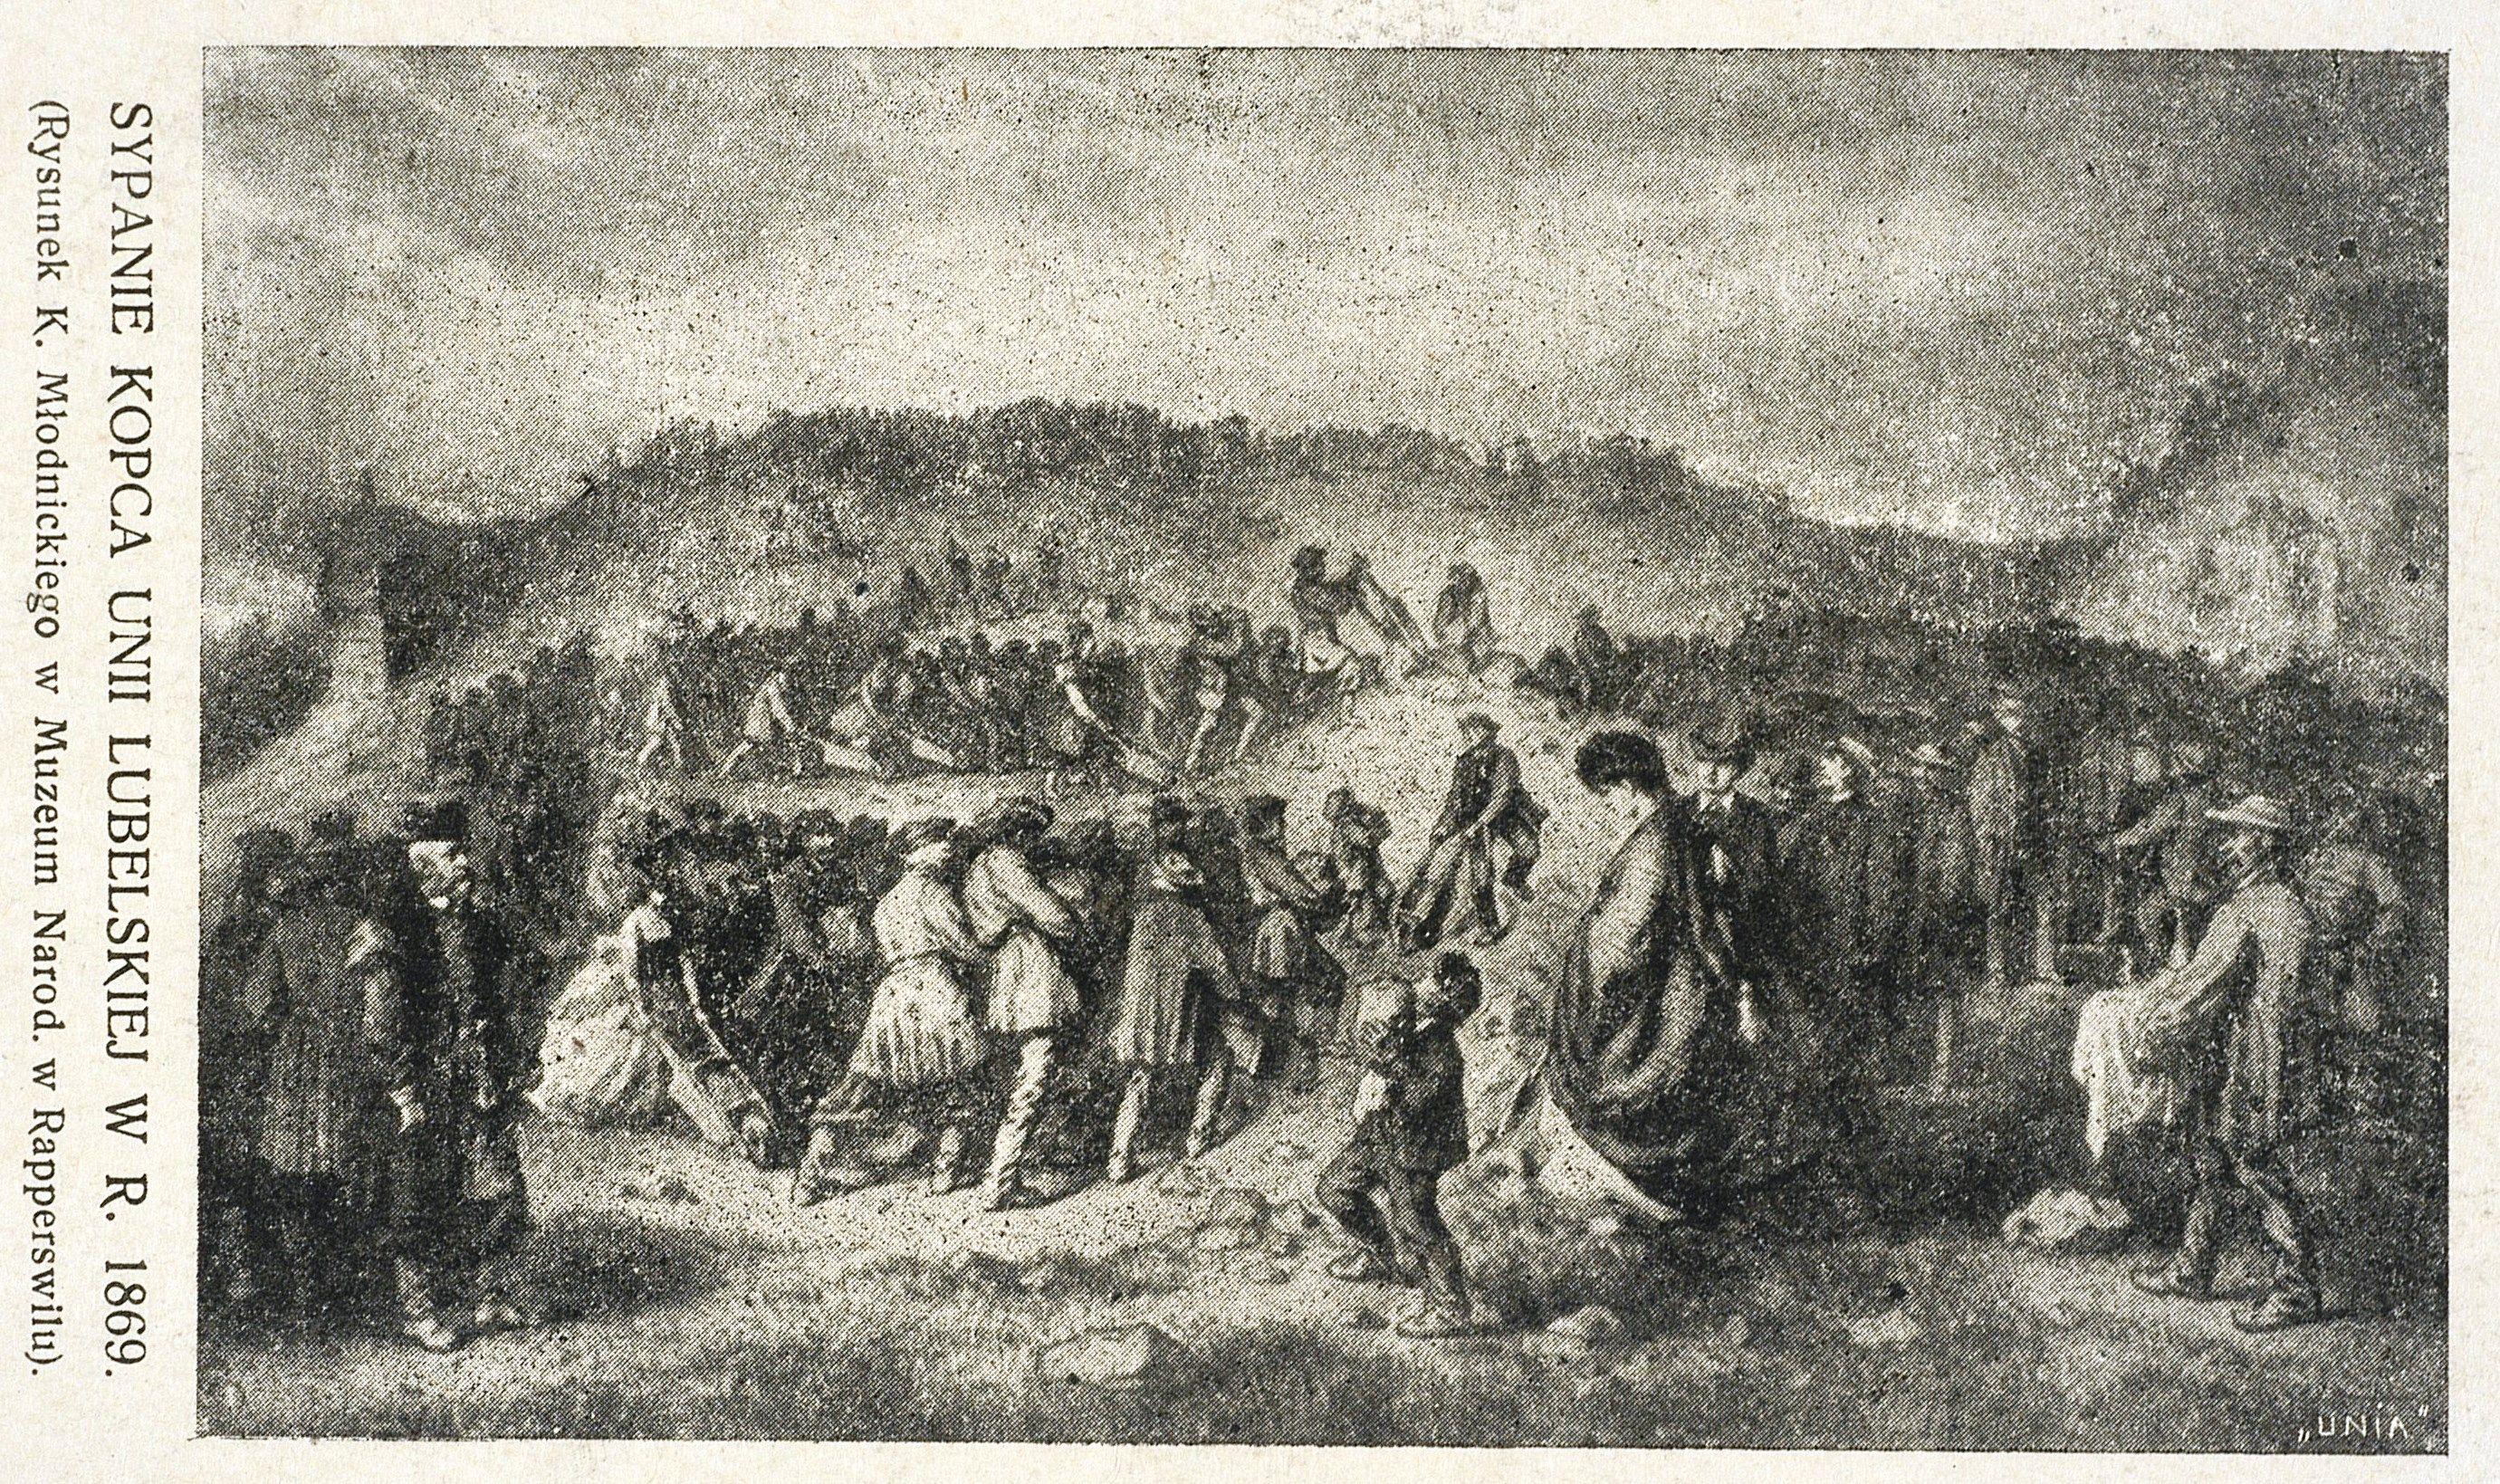 Кароль Млодніцький. Львів. Насипання кургану Люблінської унії, 1869